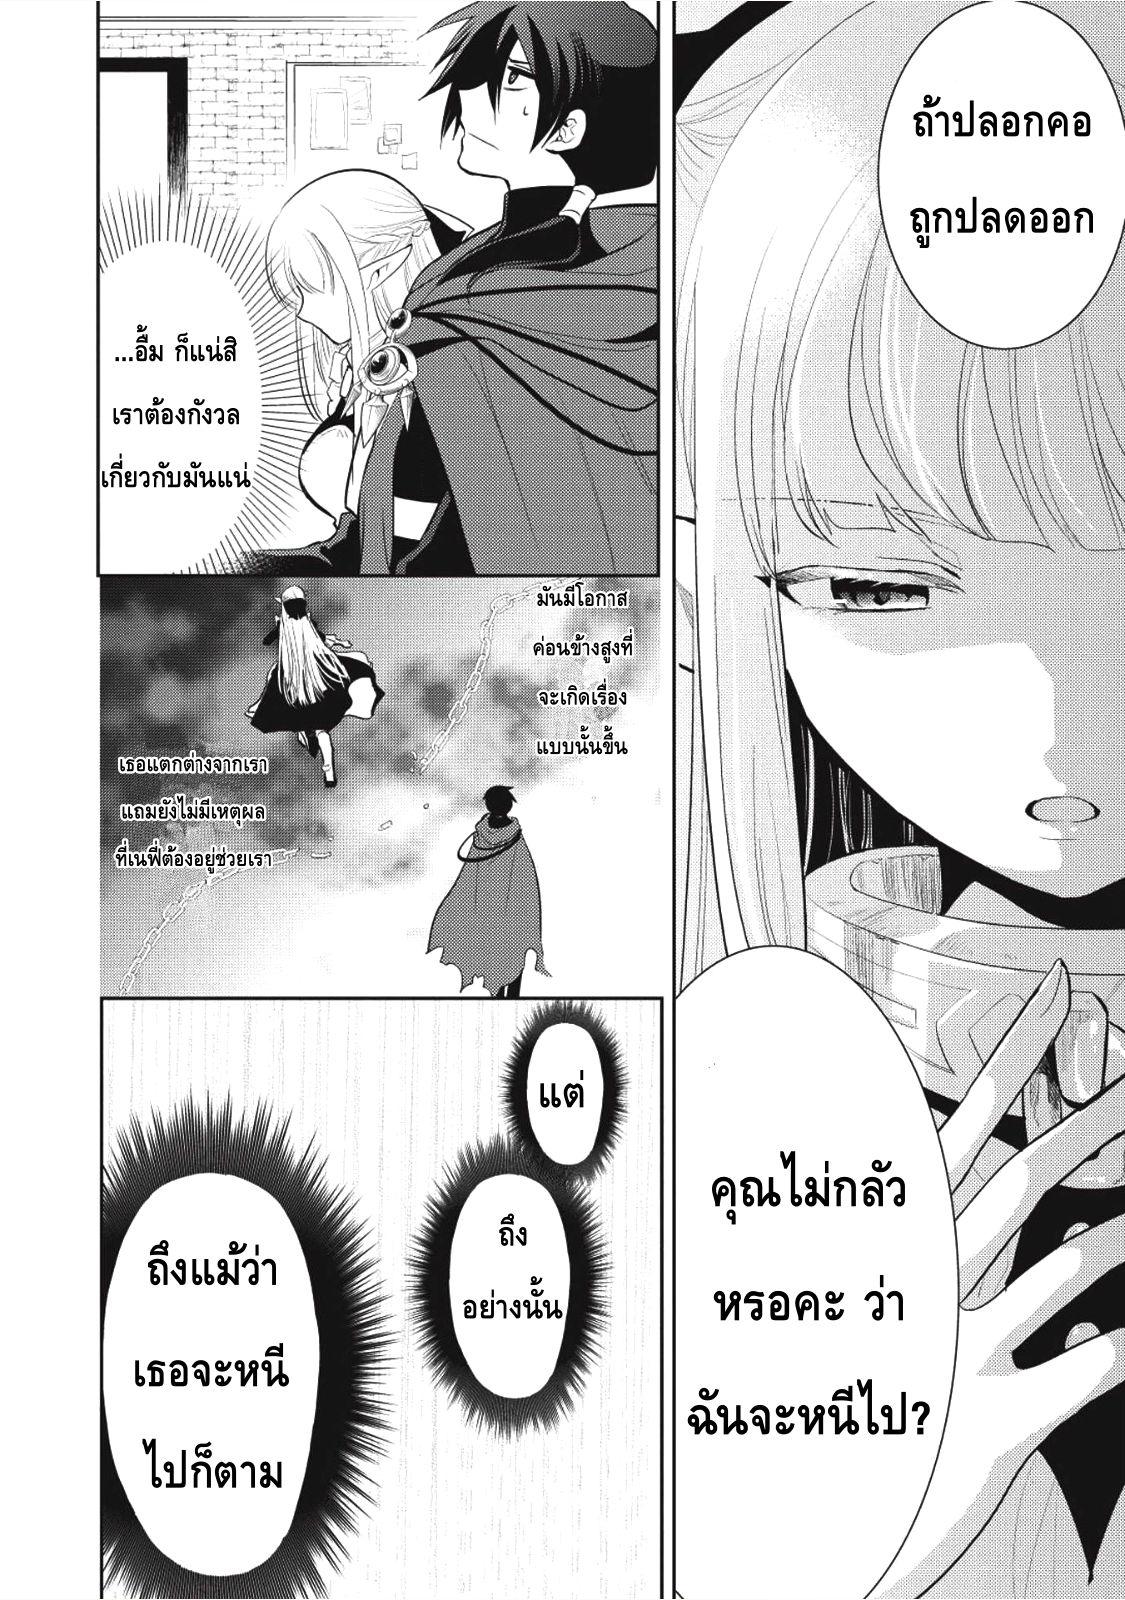 อ่านการ์ตูน Maou no Ore ga Dorei Elf wo Yome ni Shitanda ga Dou Medereba Ii ตอนที่ 4 หน้าที่ 18